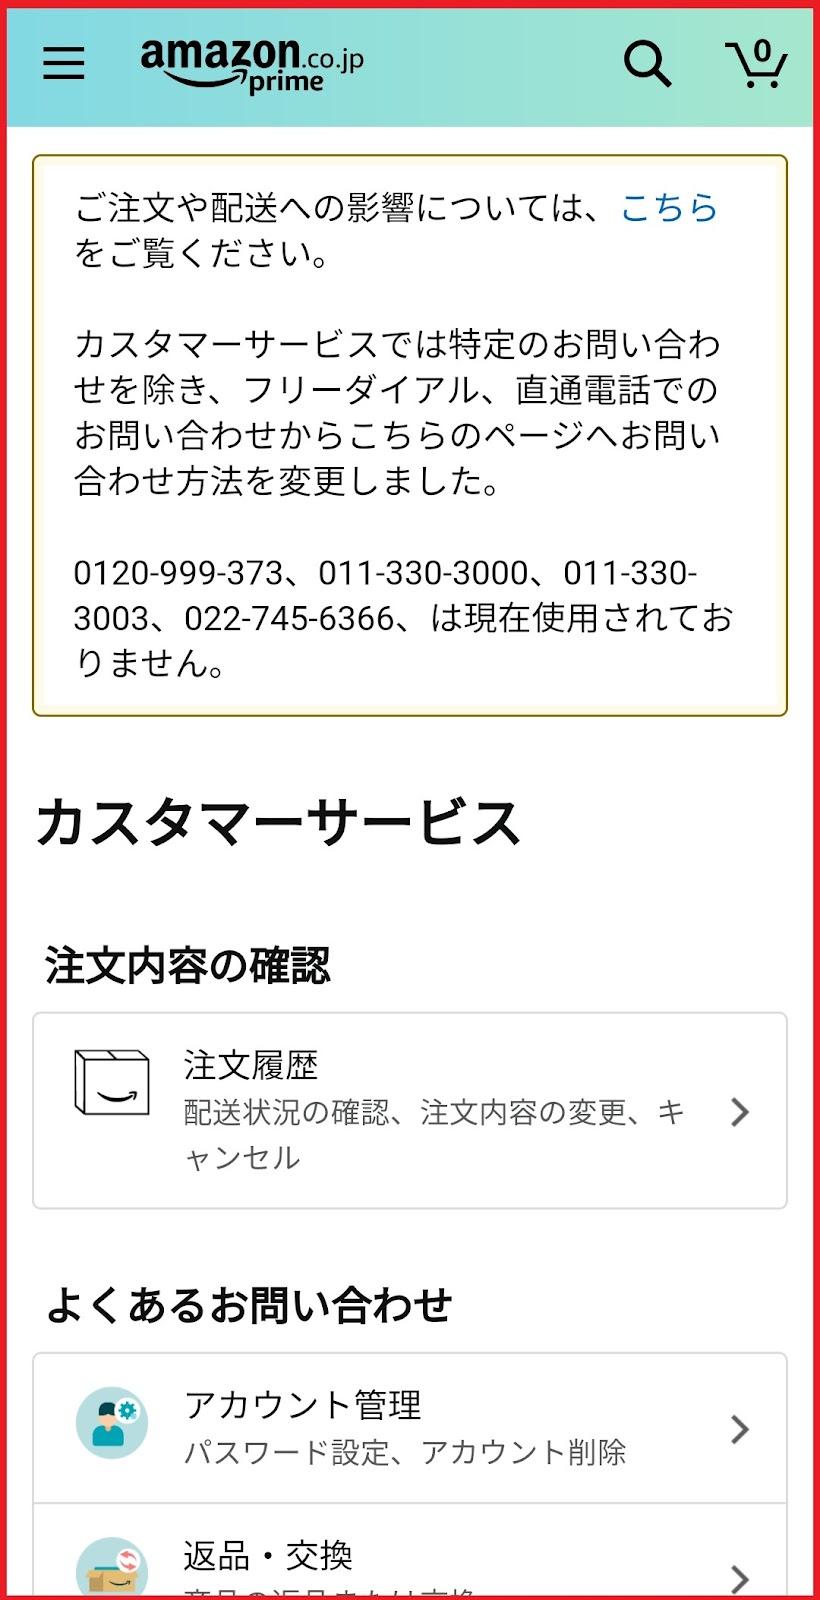 カスタマー・サービスに問い合わせる方法、チャットで連絡する(スマホの場合)、手順3